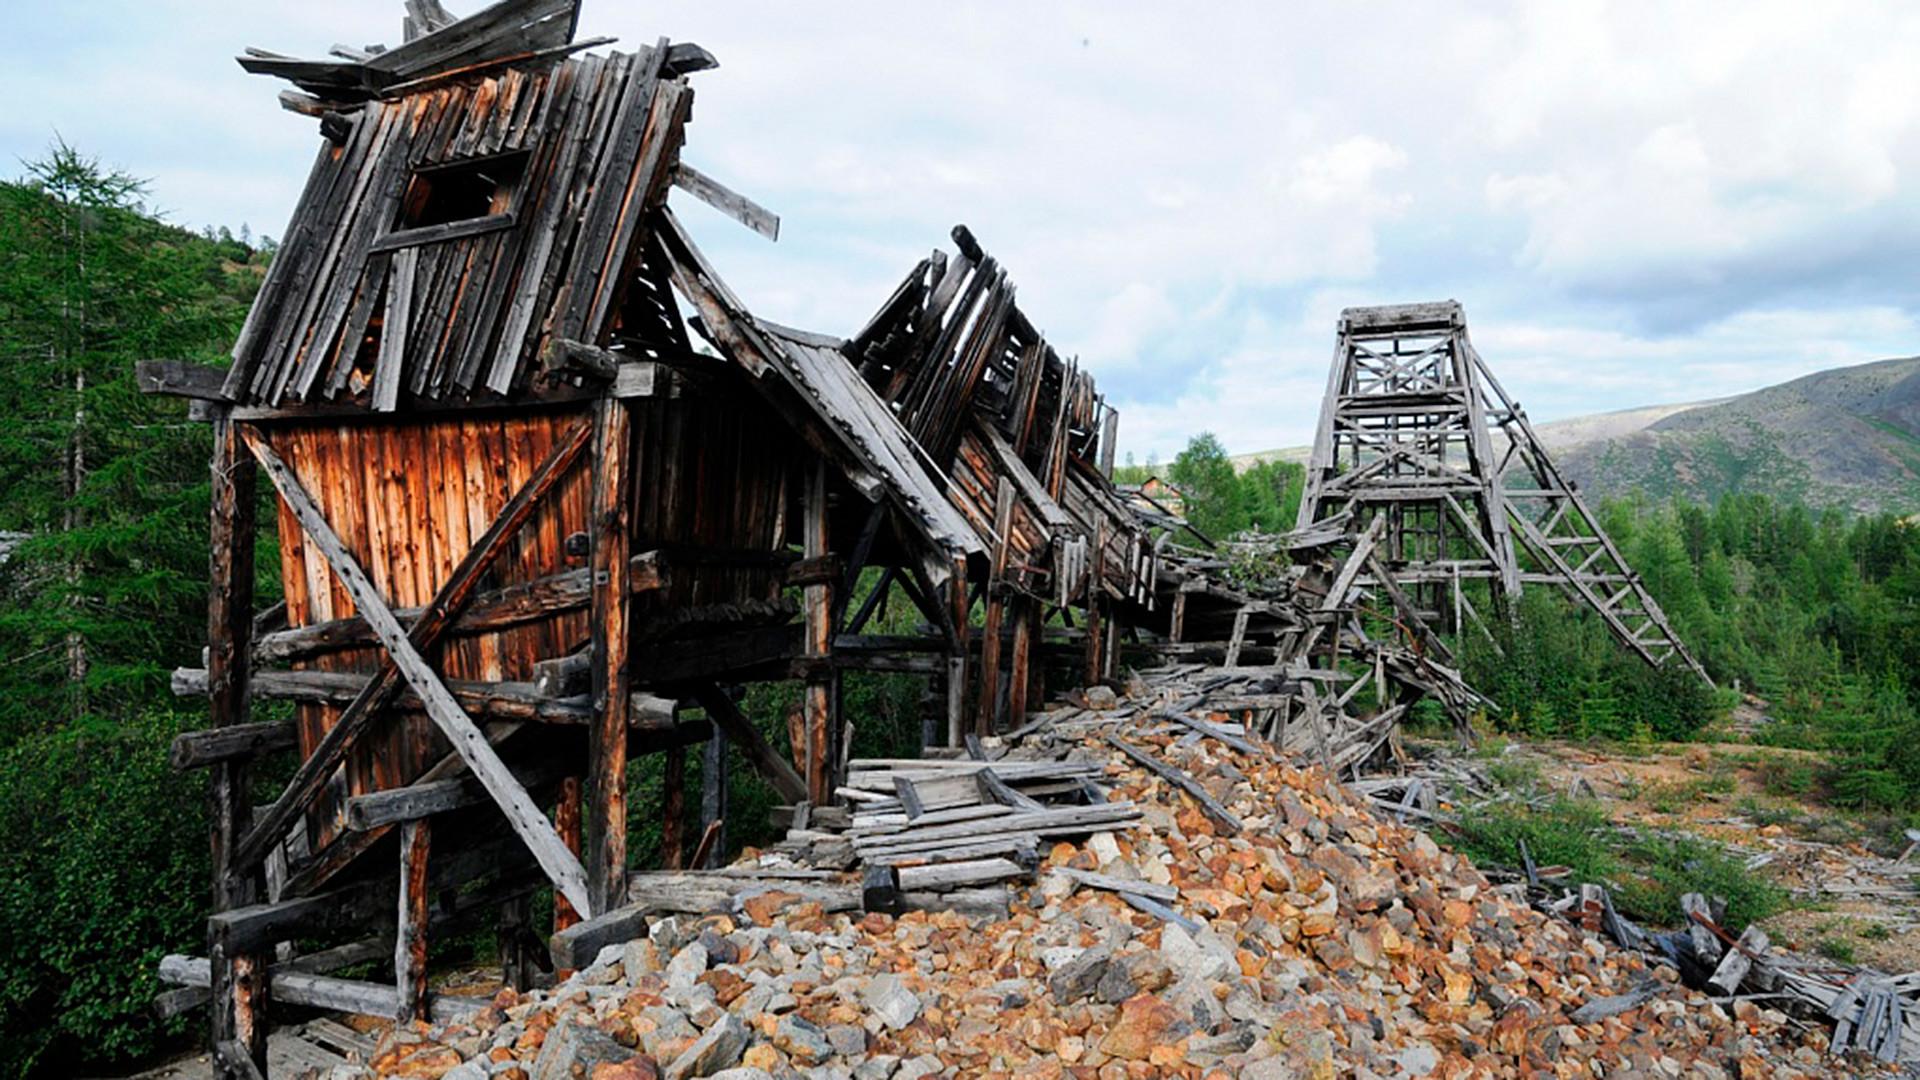 Днепровский лагерь и рудник Магаданской области, 2014